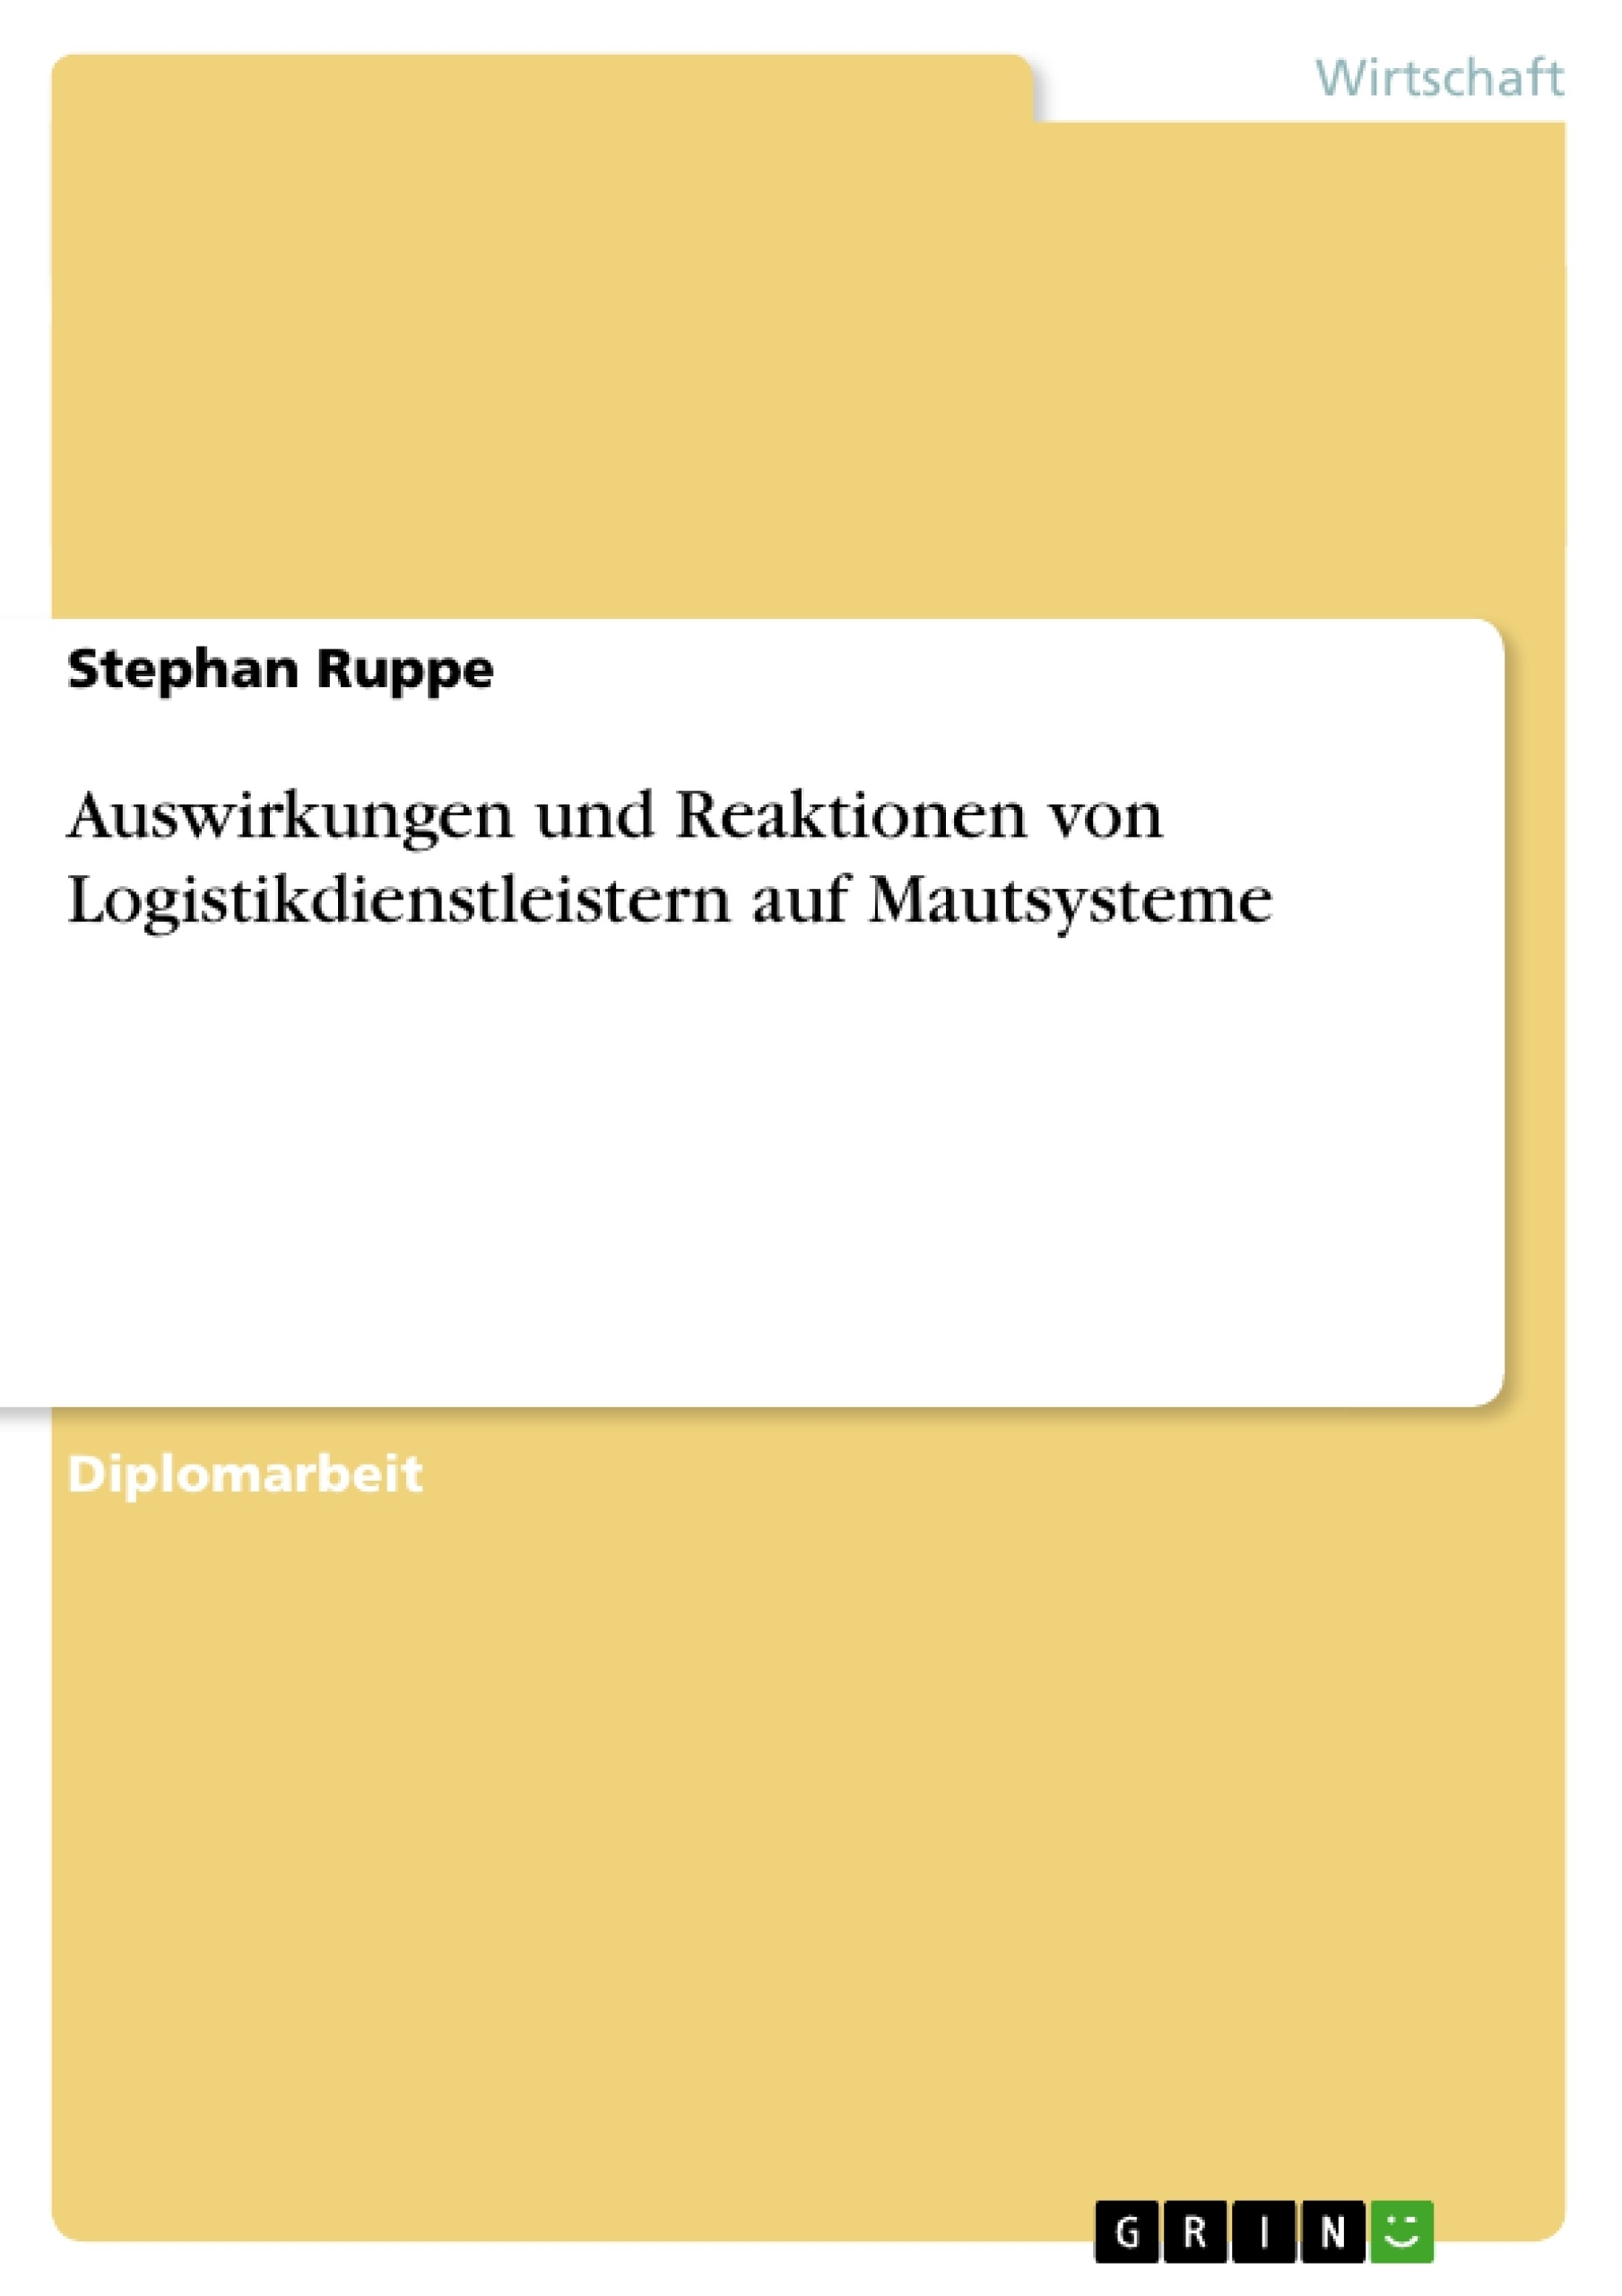 Titel: Auswirkungen und Reaktionen von Logistikdienstleistern auf Mautsysteme